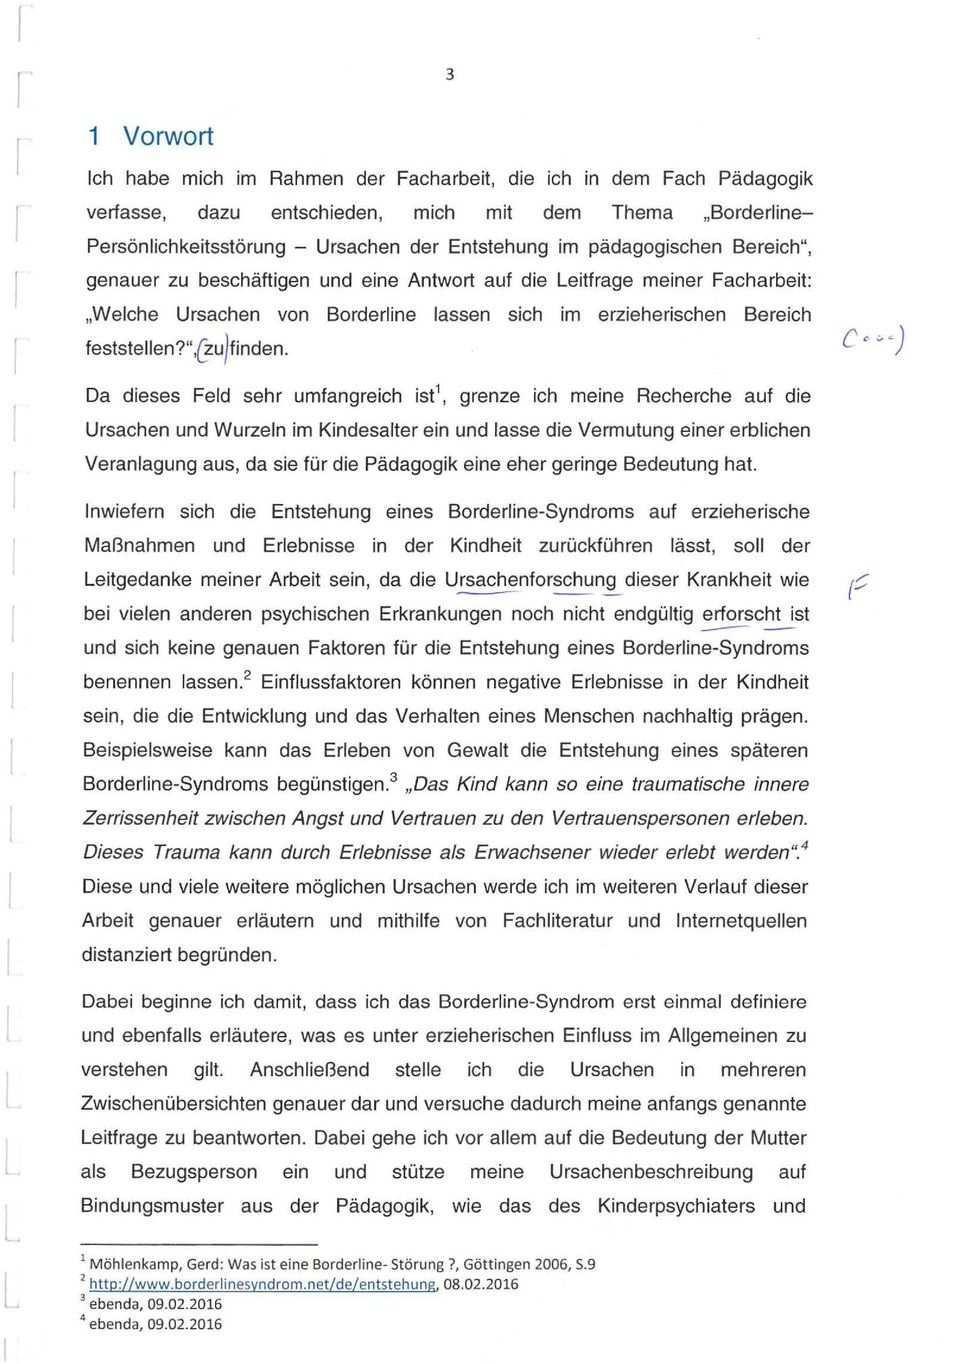 Facharbeit Im Fach Padagogik Borderline Personlichkeitsstorung Ursachen Der Entstehung Im Padagogischen Bereich Pdf Free Download